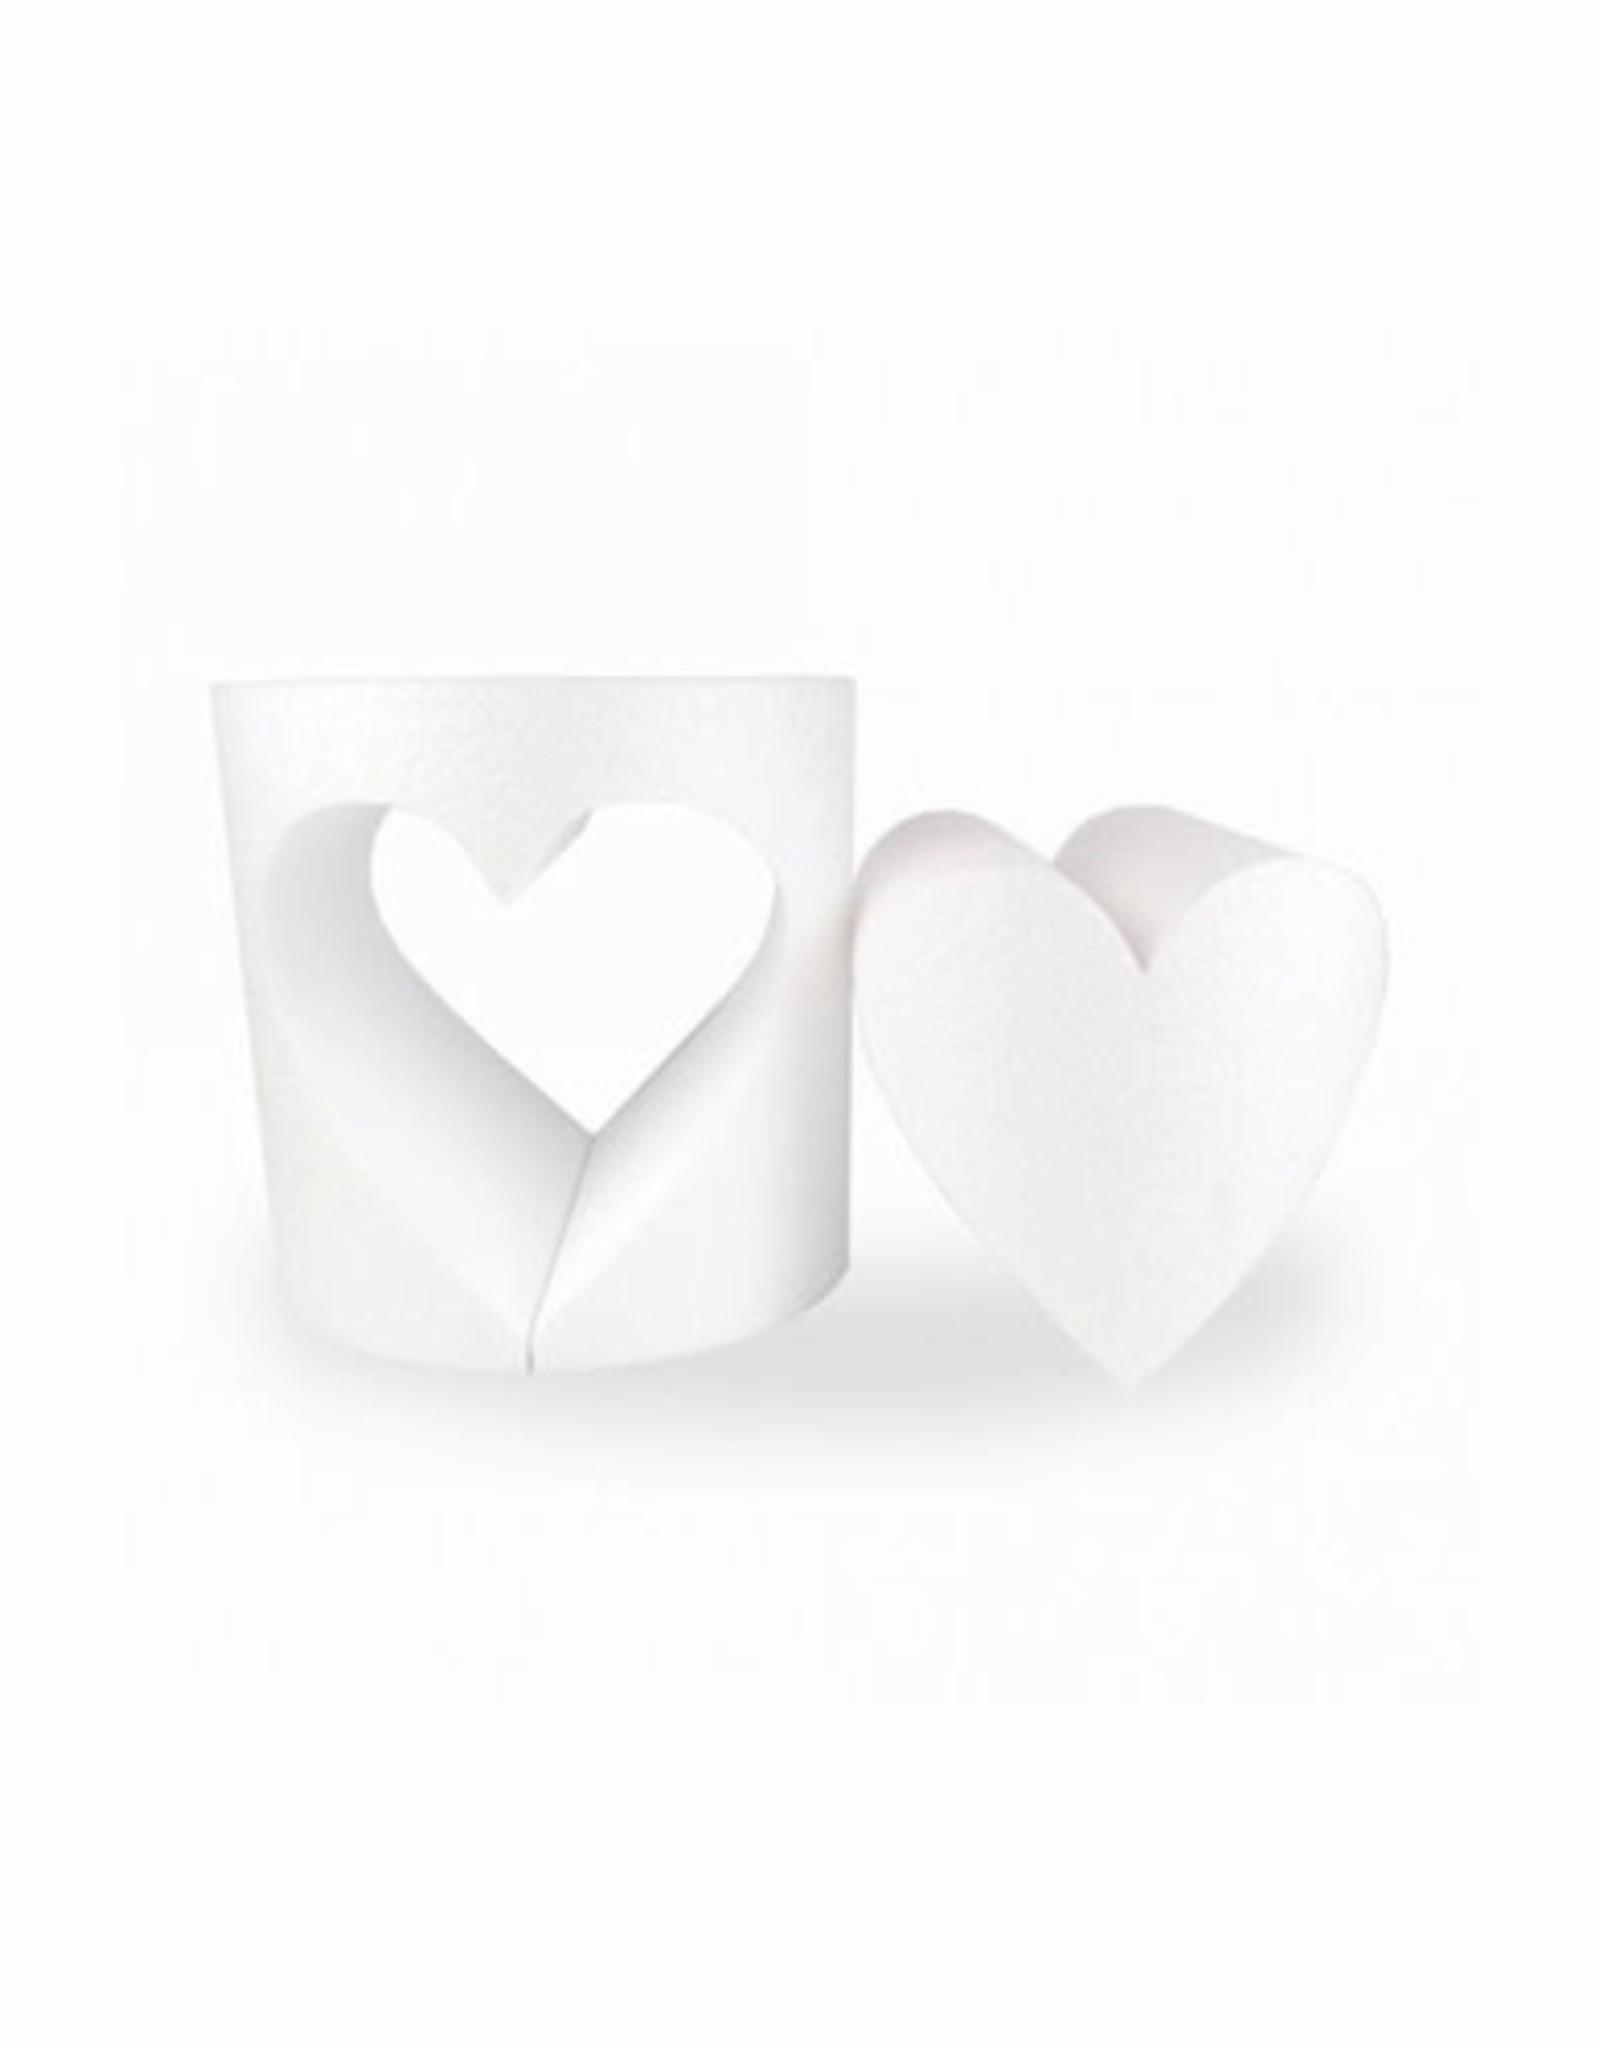 Dummy Rond met uitgesneden hart Ø 20cm - 20cm hoog